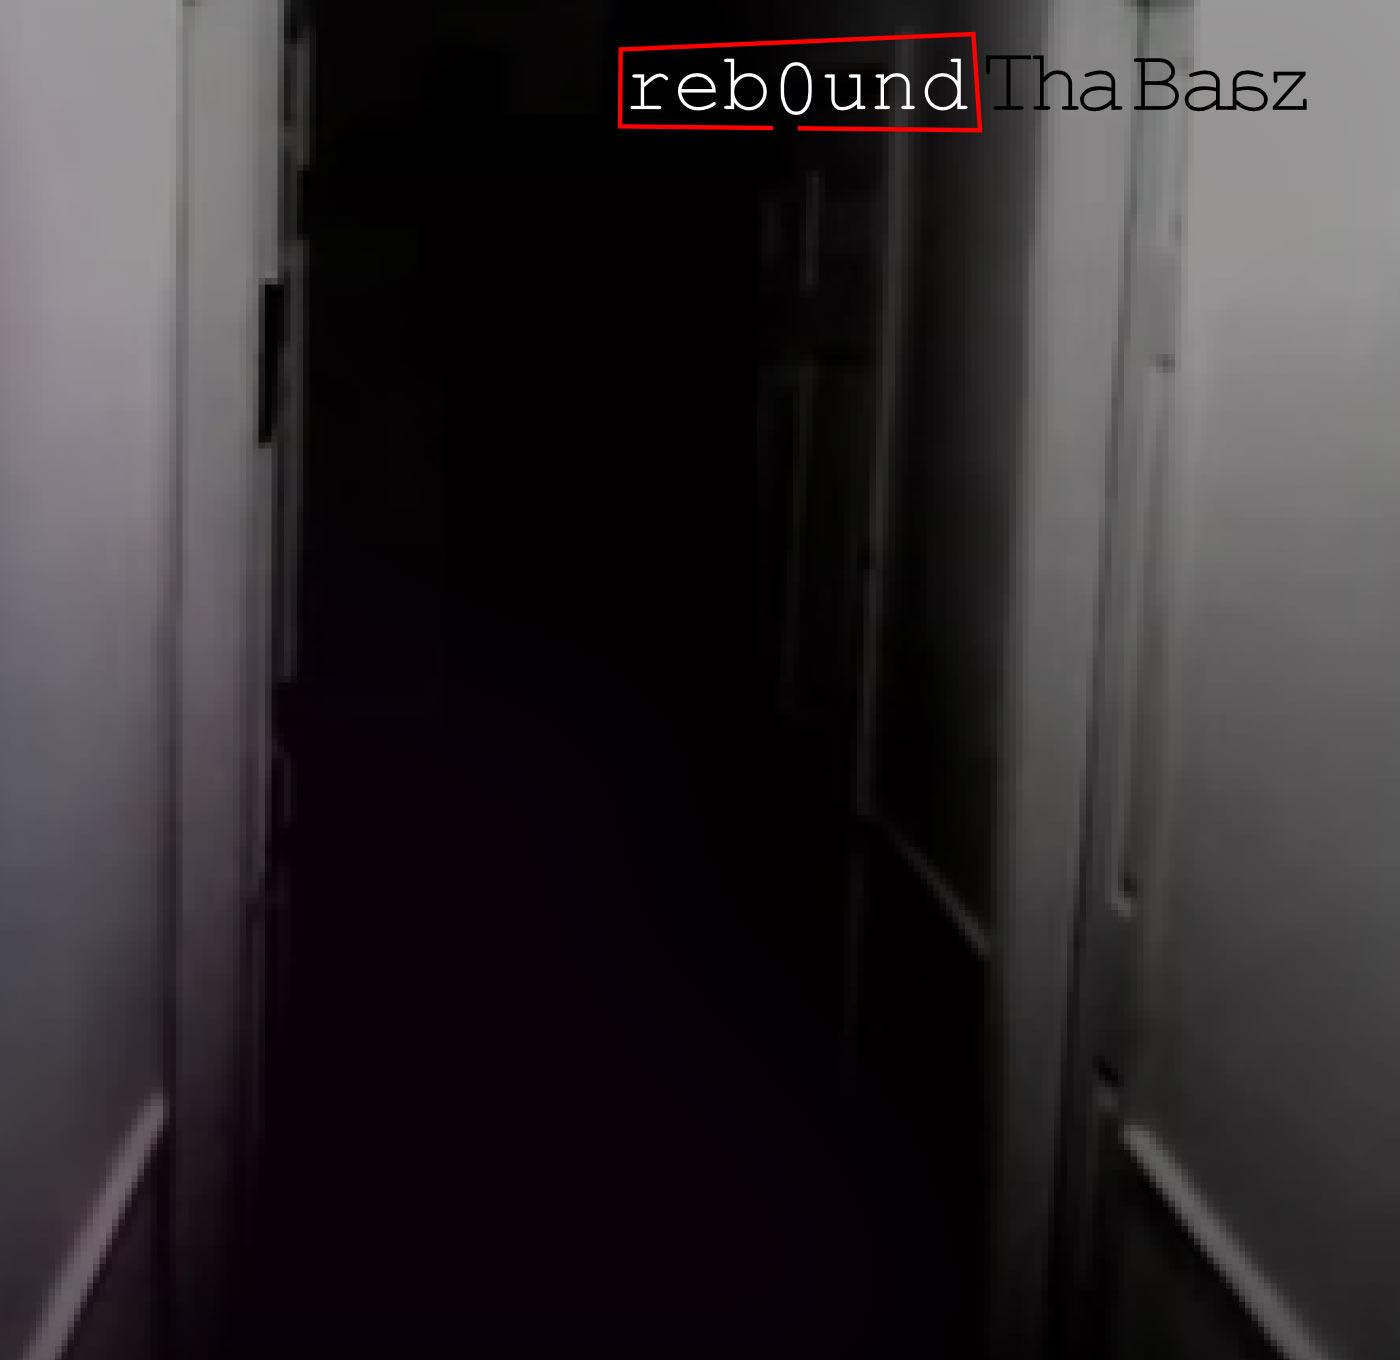 IYE 26 - ThaBaaz - reb0und MP3 3